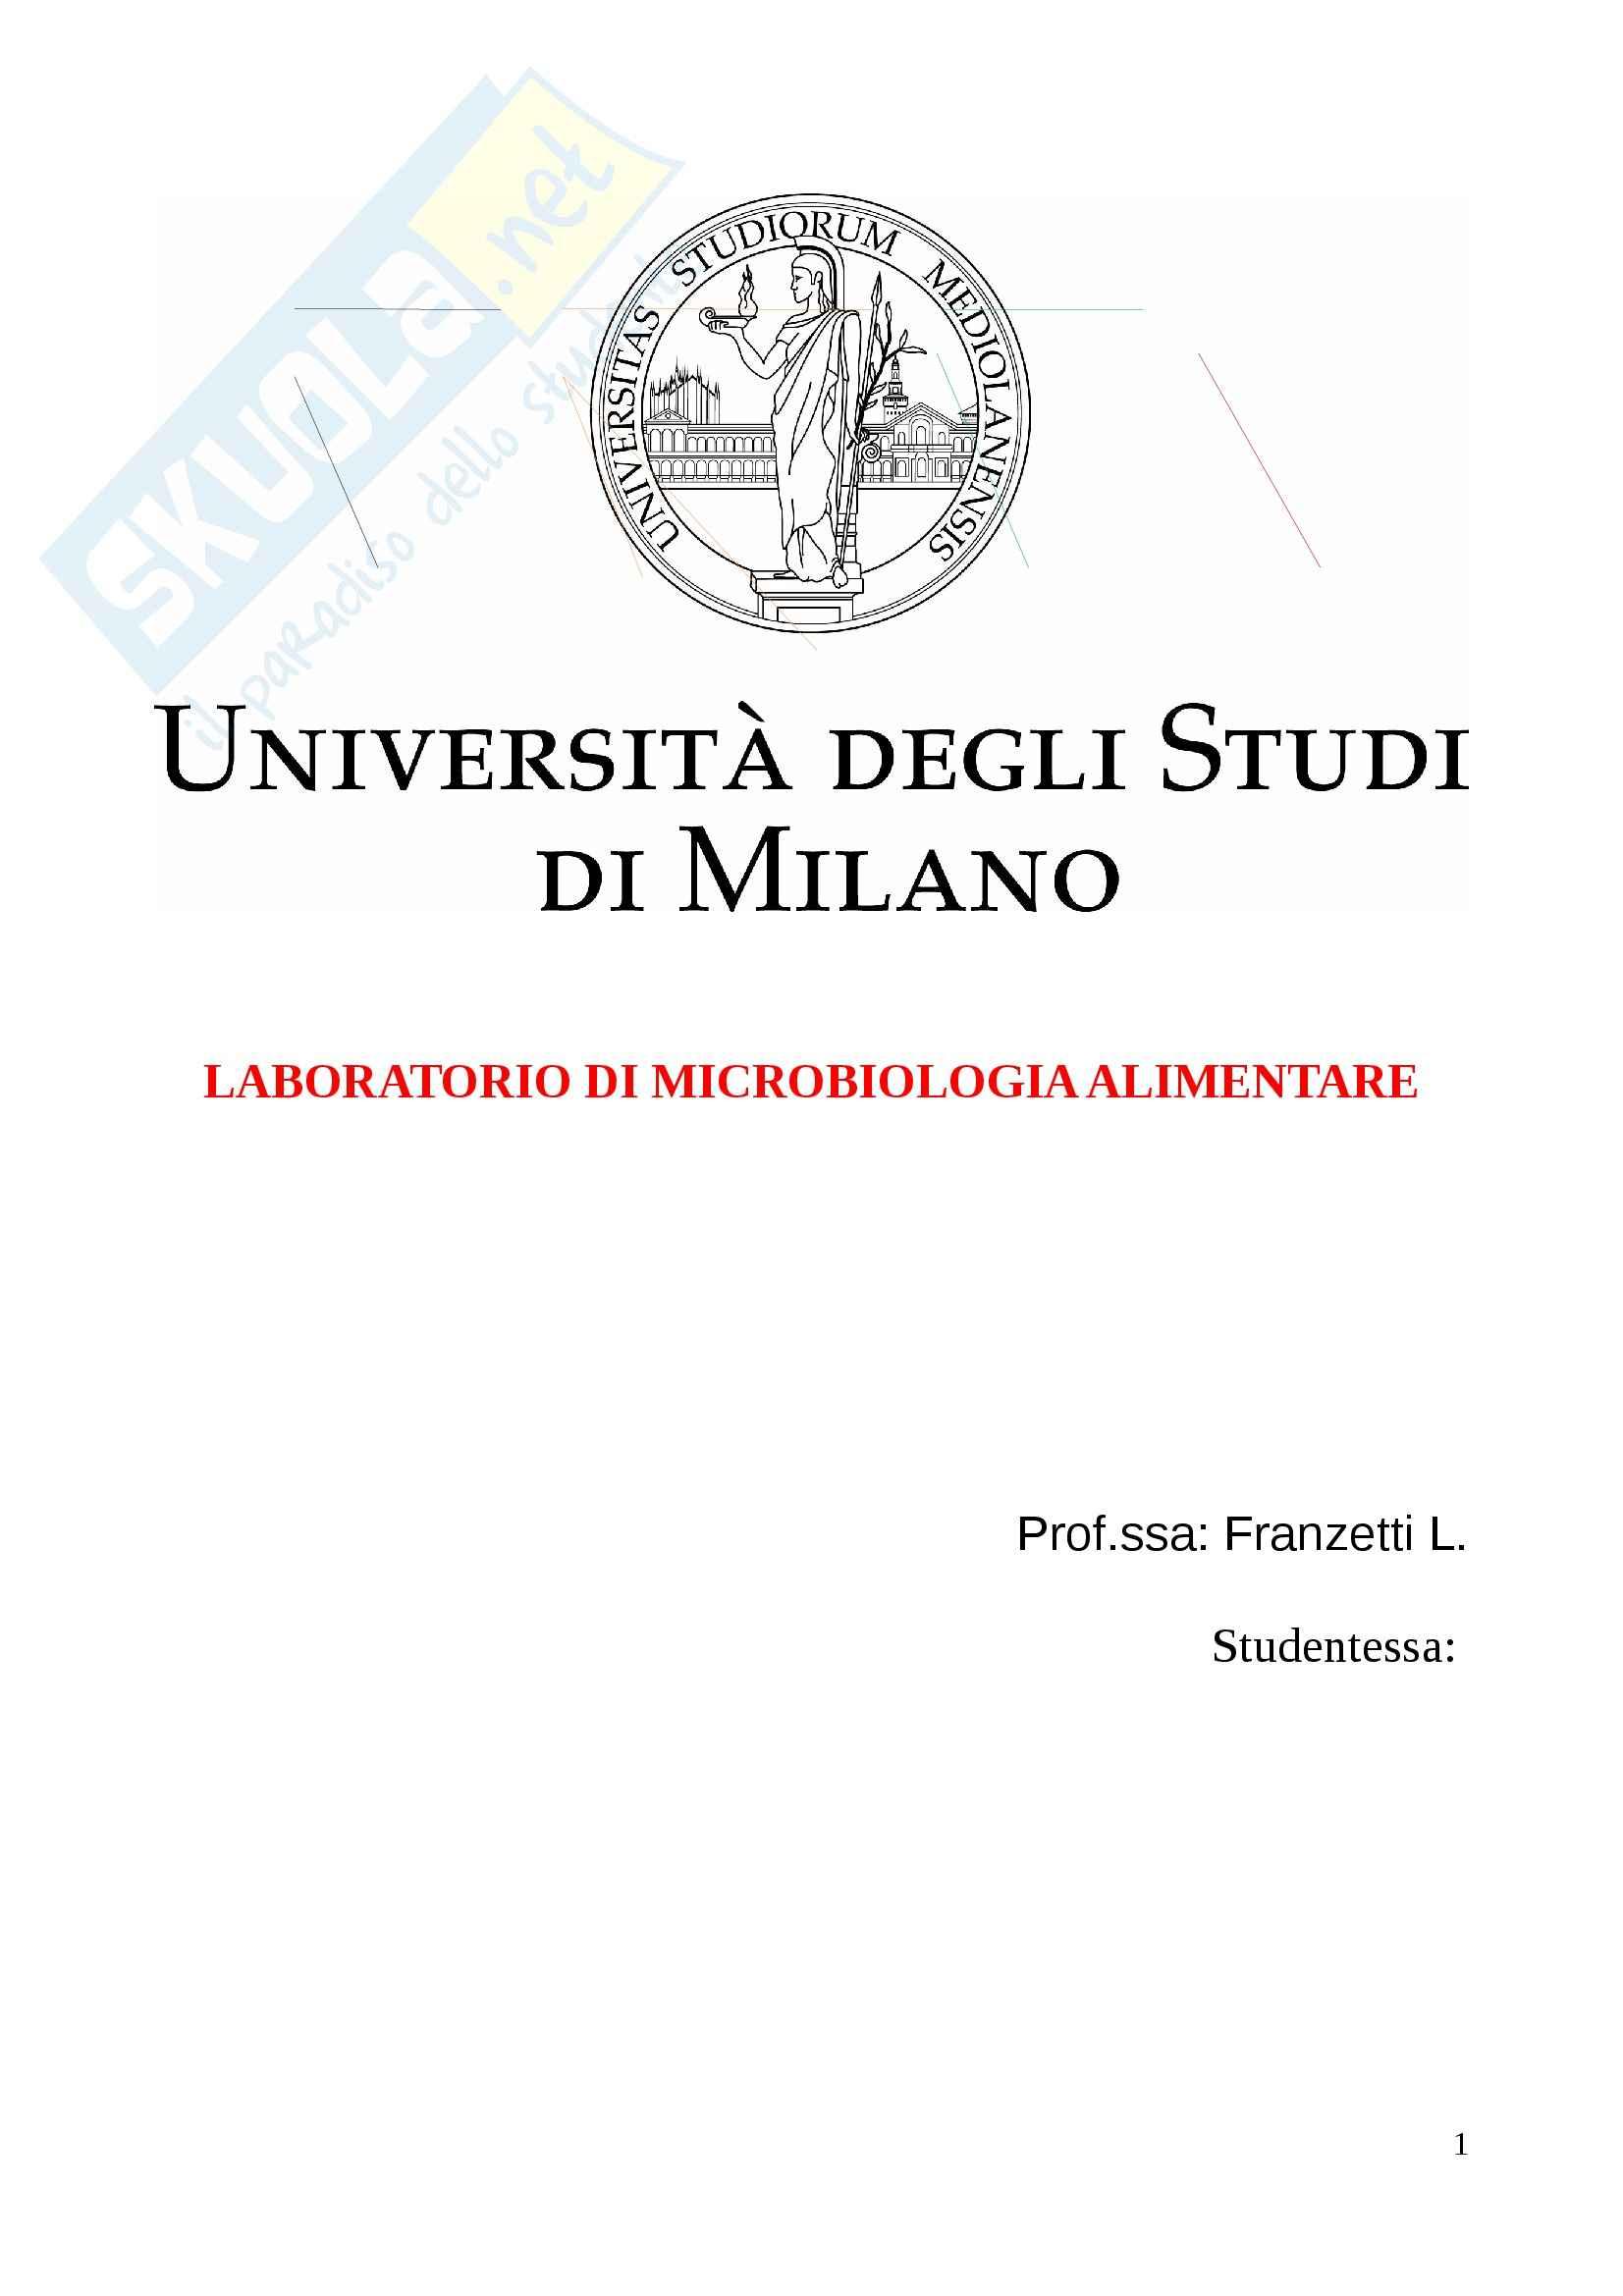 Microbiologia alimentare e industriale - Appunti